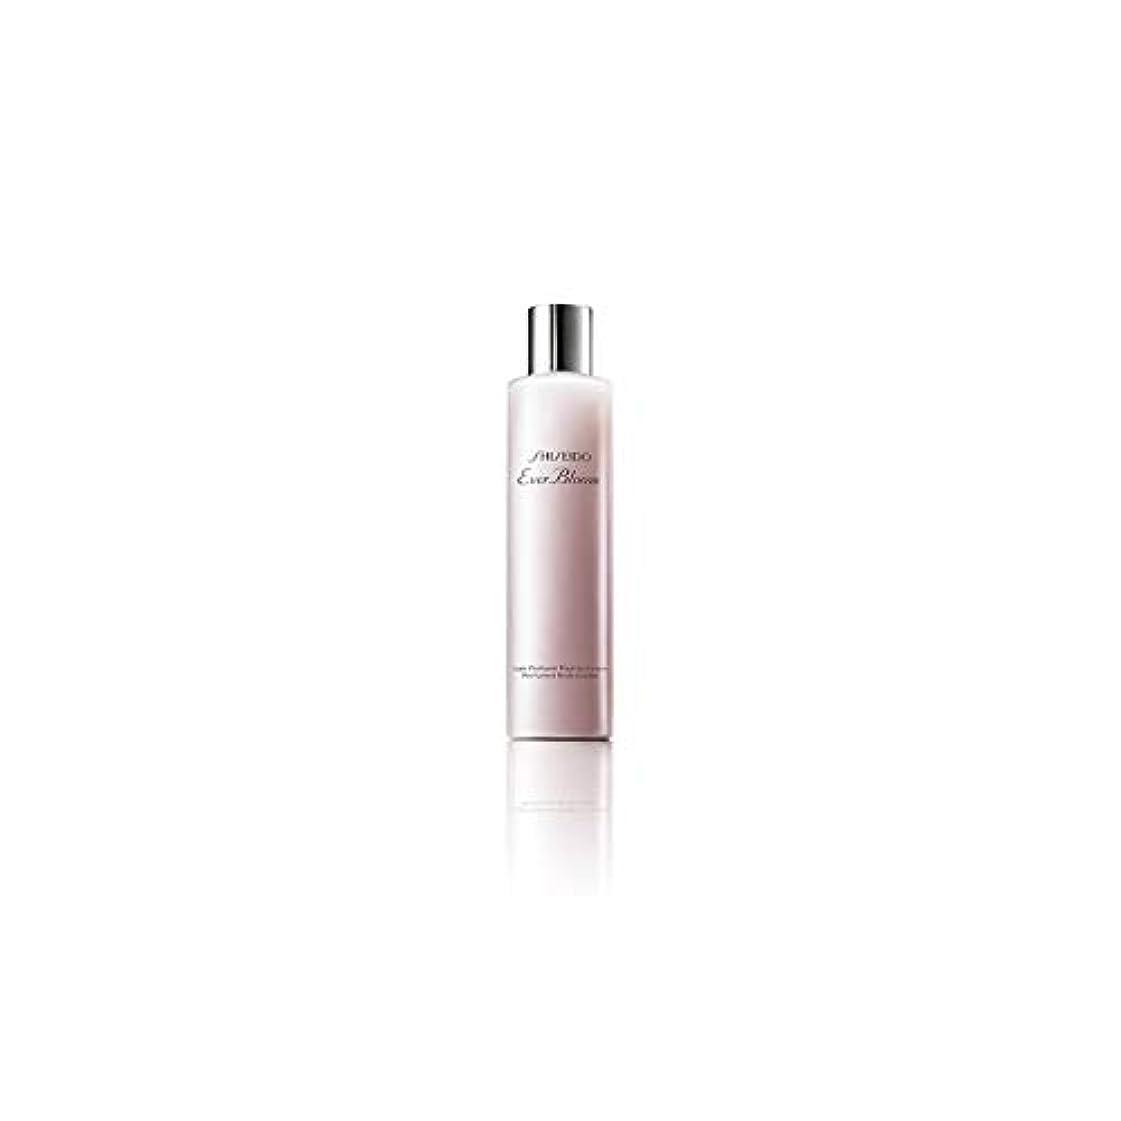 安全でないハード強度[Shiseido] 資生堂これまでブルームシャワークリーム(30ミリリットル) - Shiseido Ever Bloom Shower Cream (30ml) [並行輸入品]